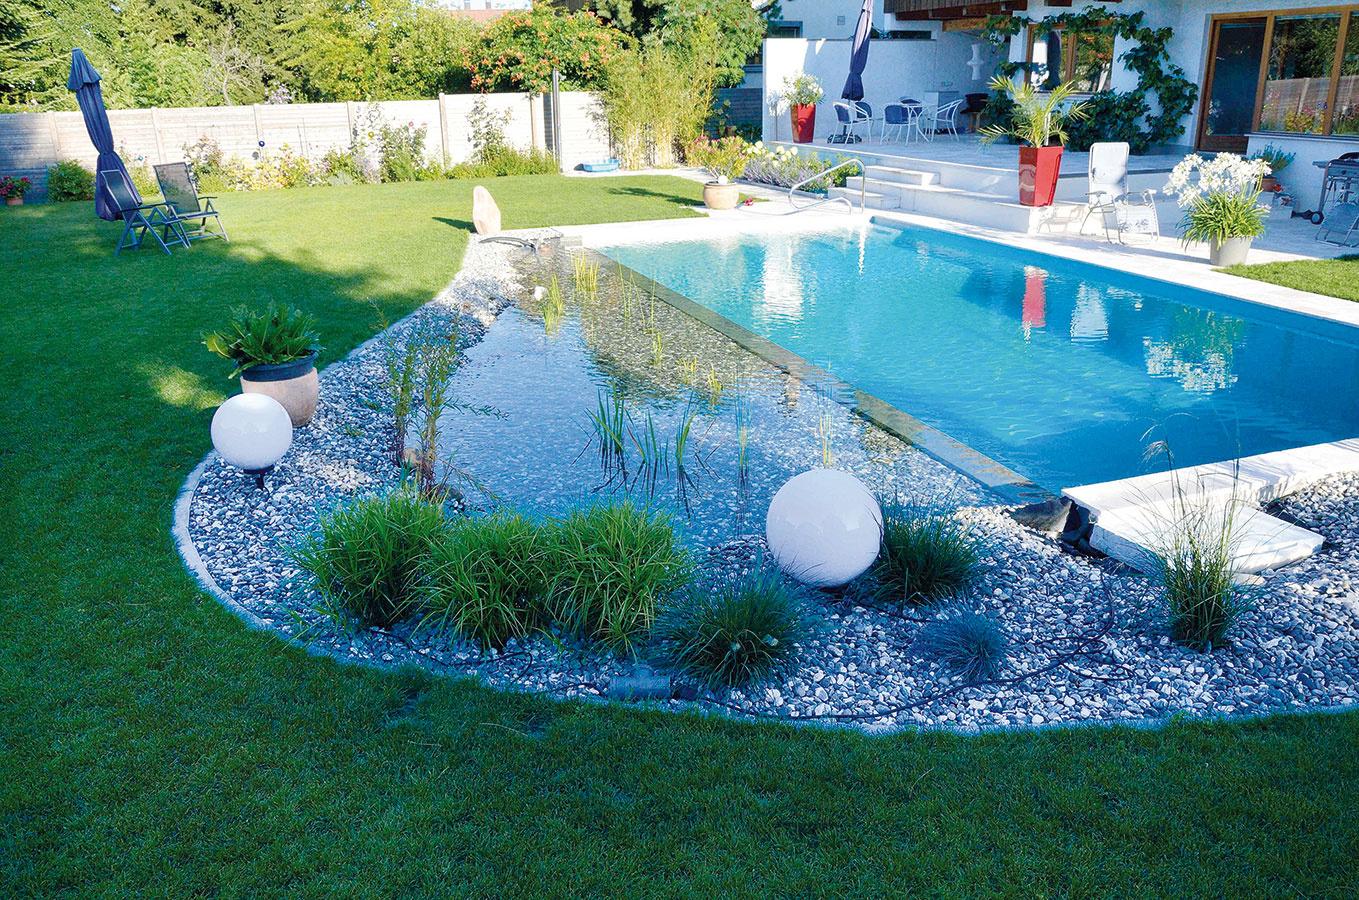 Kúpacia časť jazierka môže mať aj úplne pravidelné línie (obdĺžnikový tvar). Toto riešenie vynikne najmä pri moderných novostavbách. Pri vidieckych domoch lepšie vyniknú kúpacie jazierka s tradičnými nepravidelnými tvarmi.